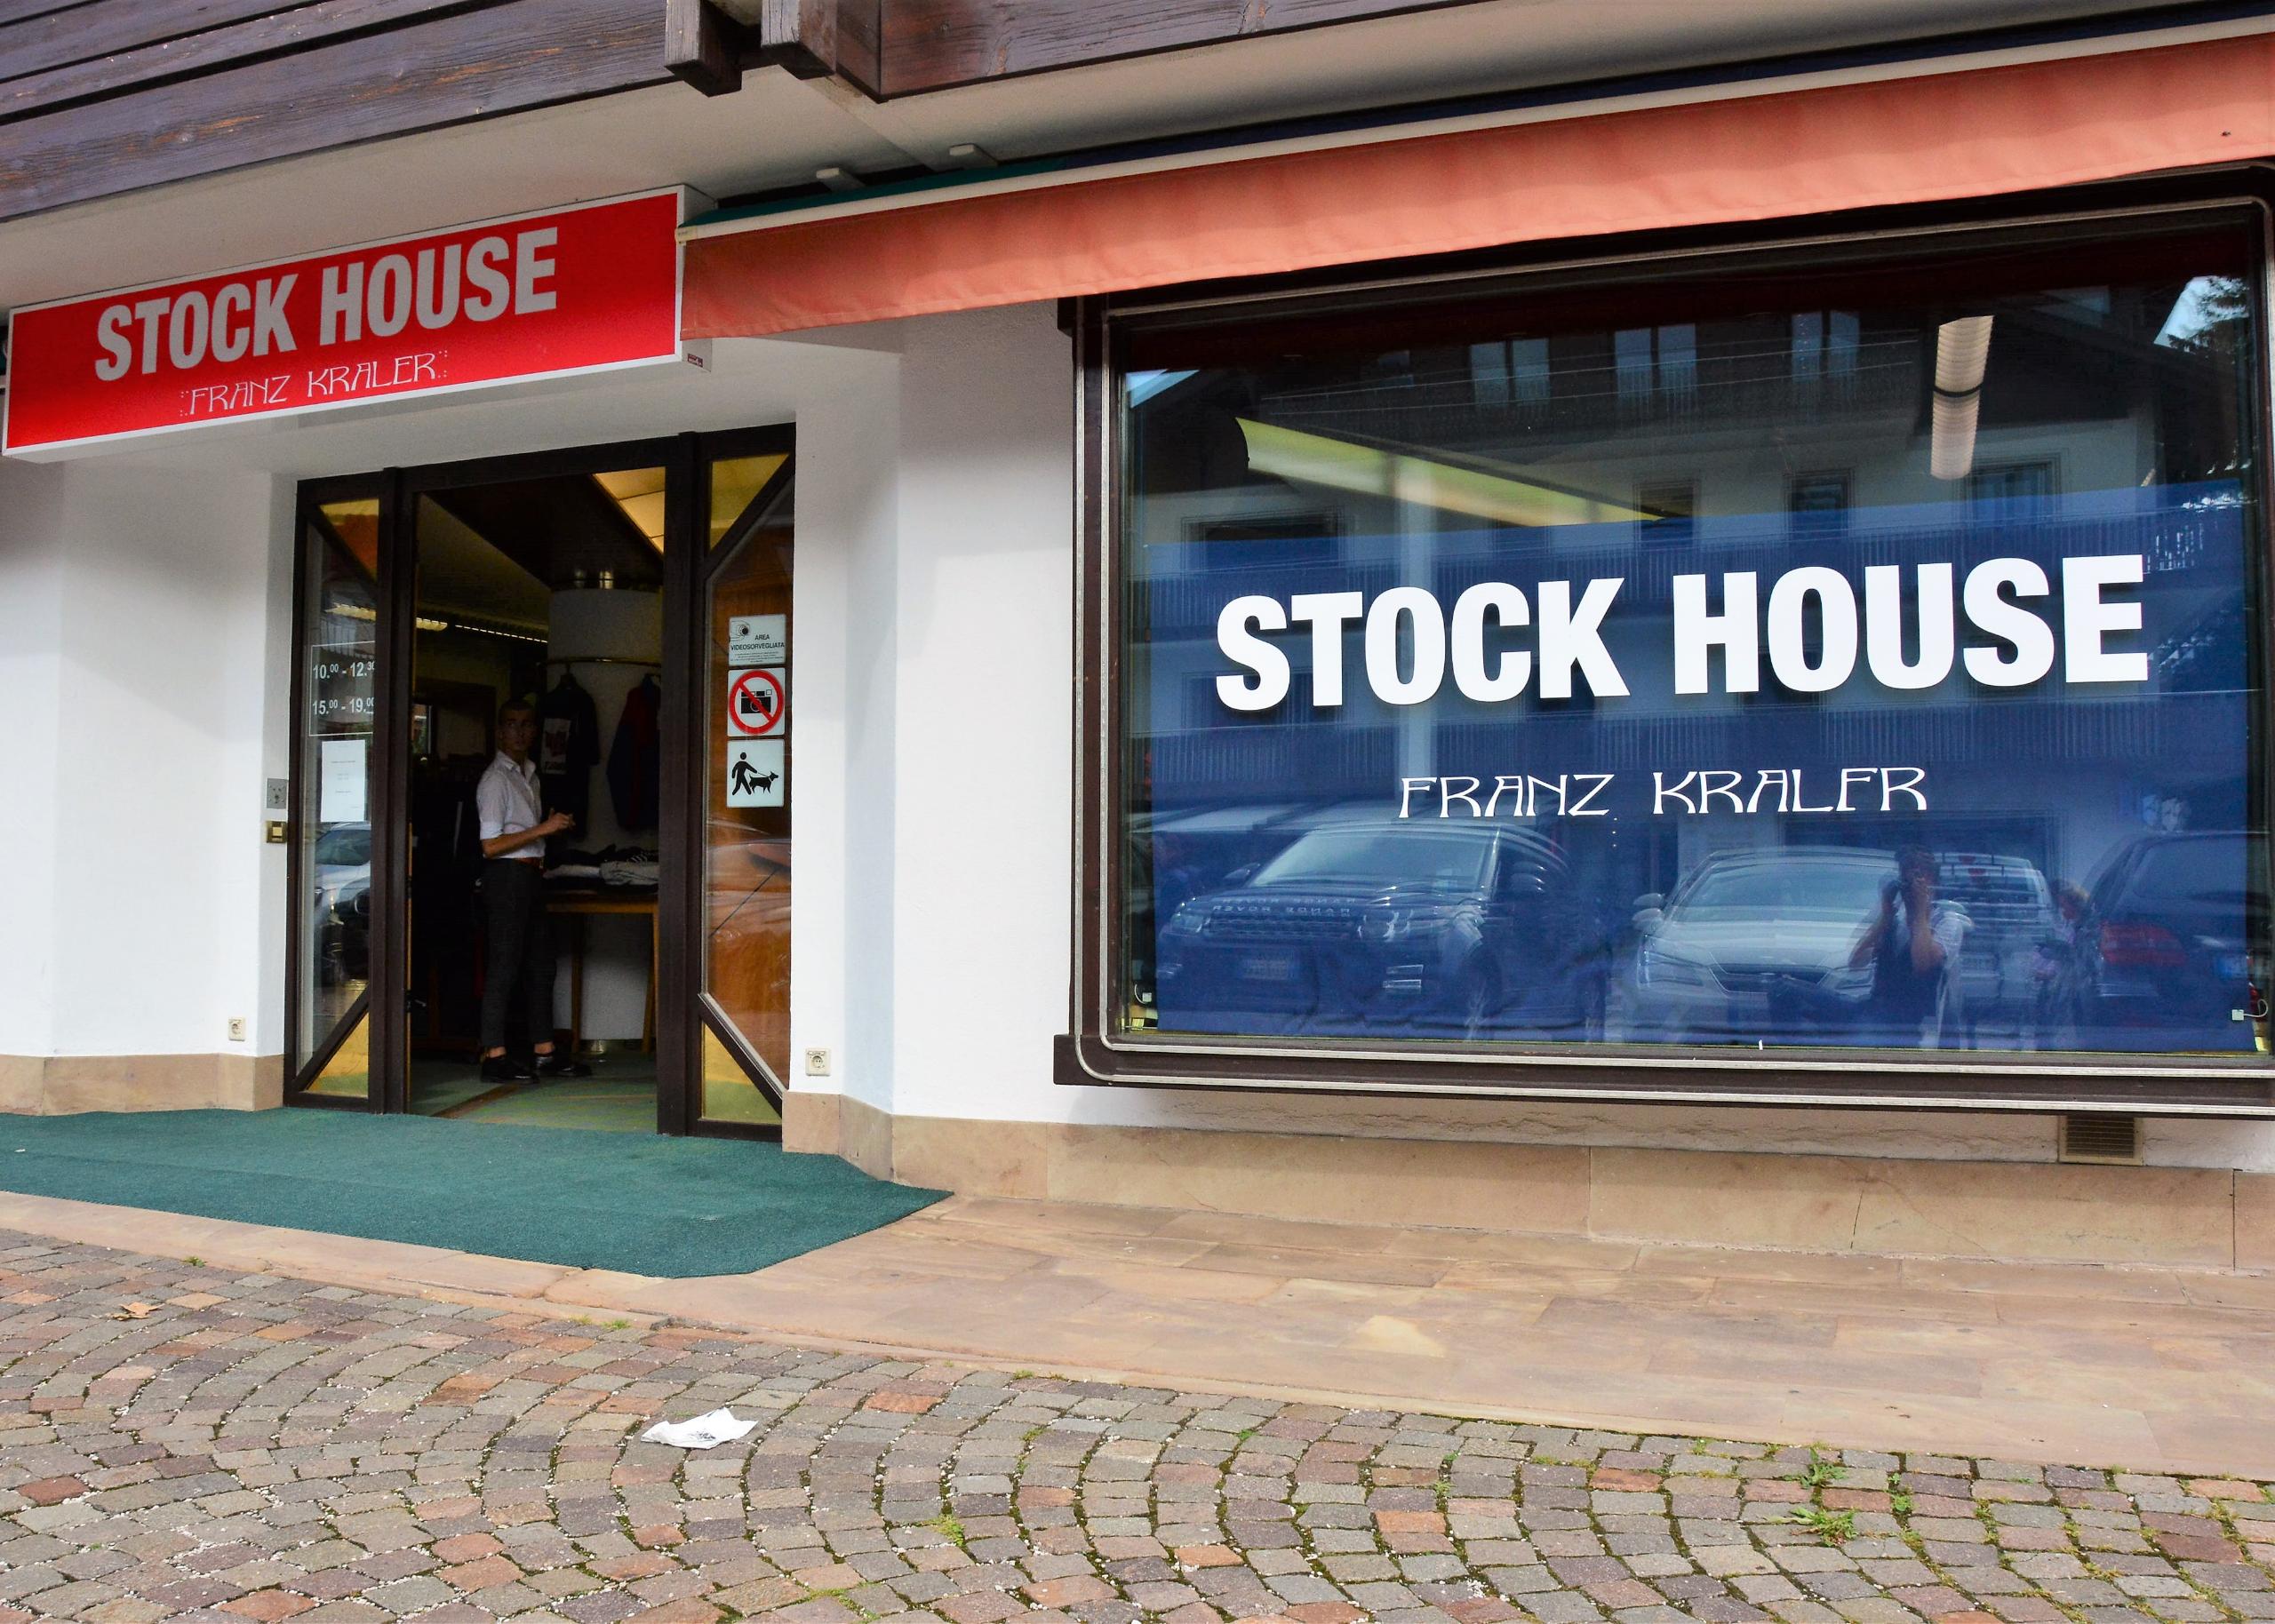 Stock House Franz Kraler